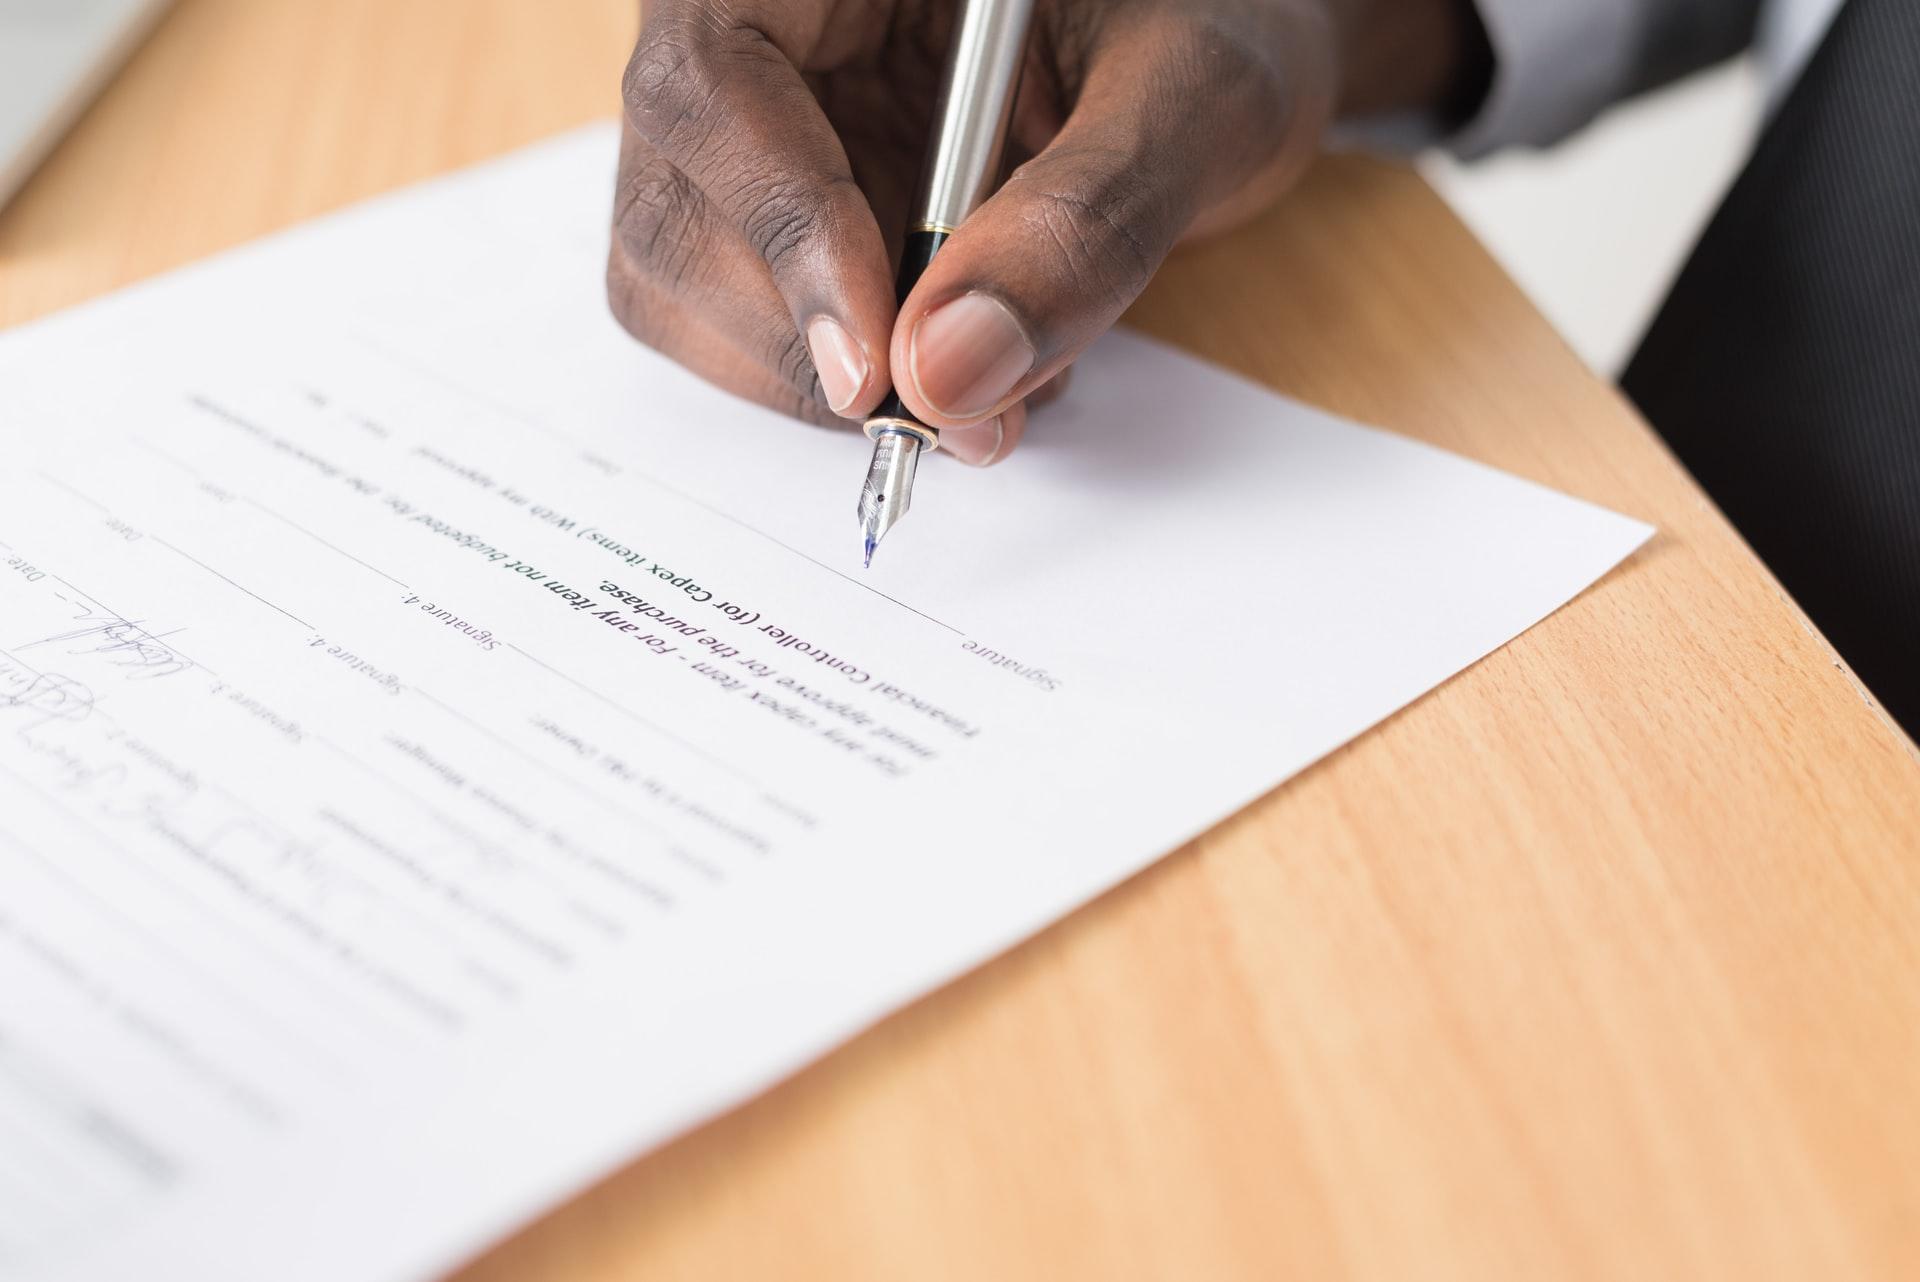 Man håller i en penna och skriver under ett dokument.